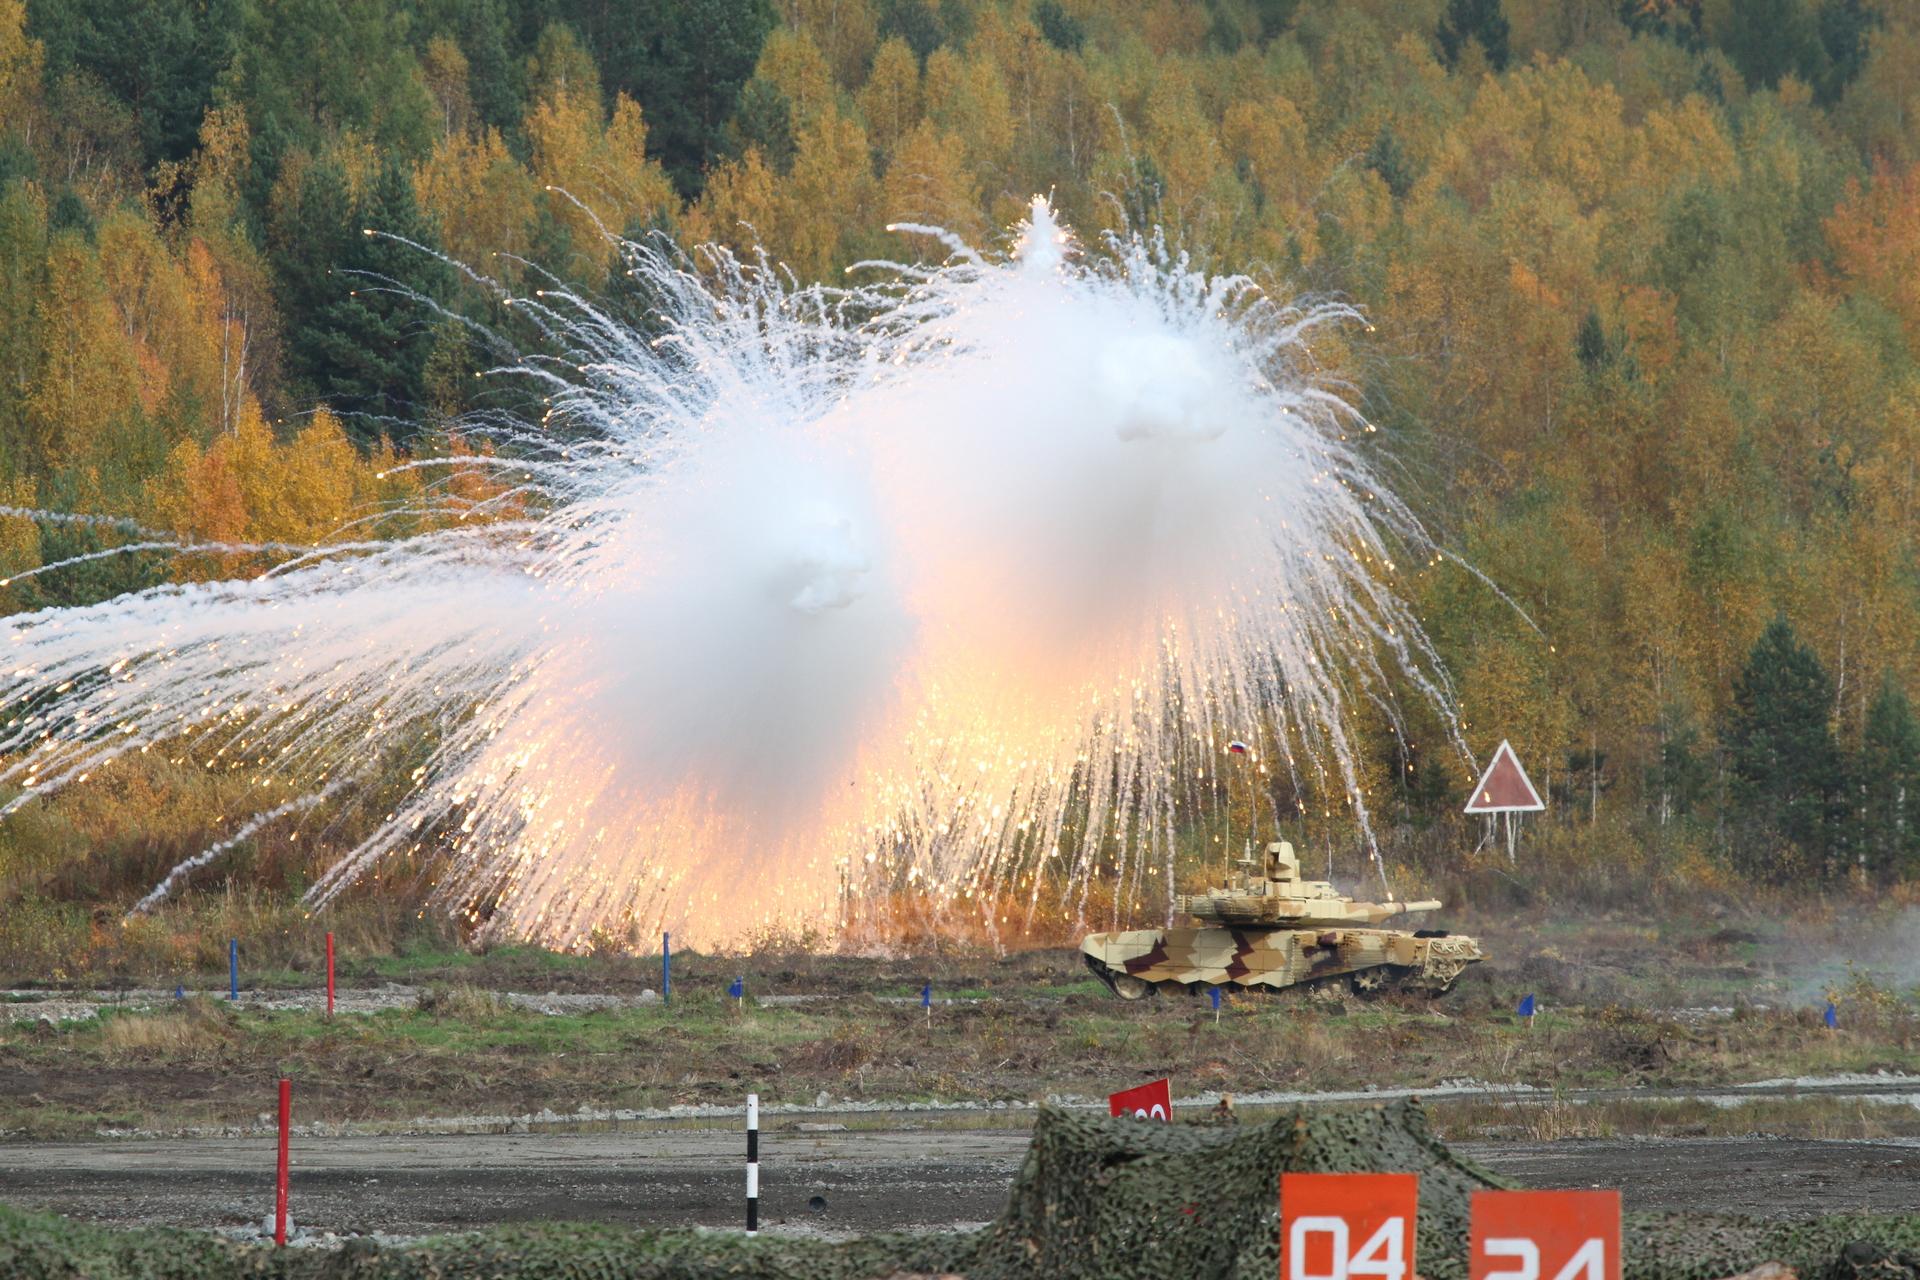 Противоракетная маскировка: как новый «ослепляющий» снаряд защитит российские танки1